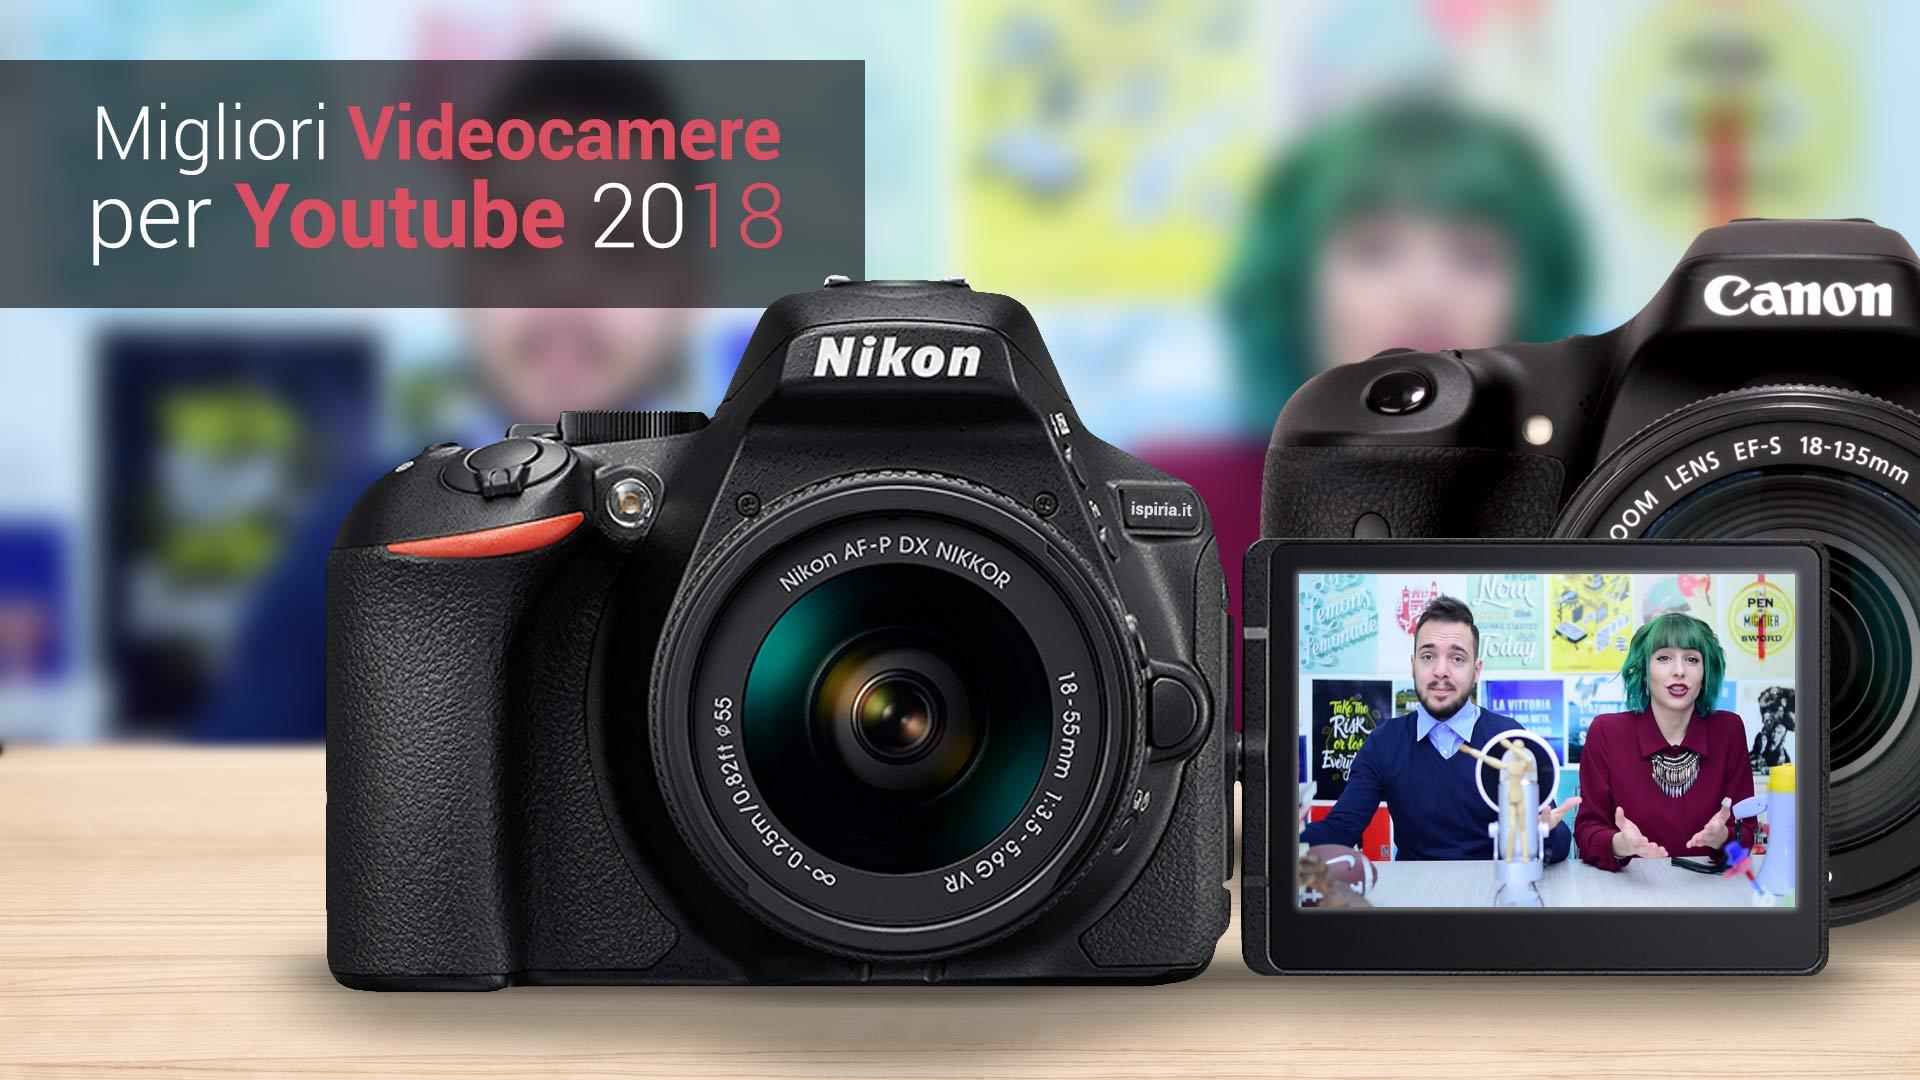 Migliori Videocamere Youtube 2018, Per Video Di Youtuber E Vlogger [Guida]